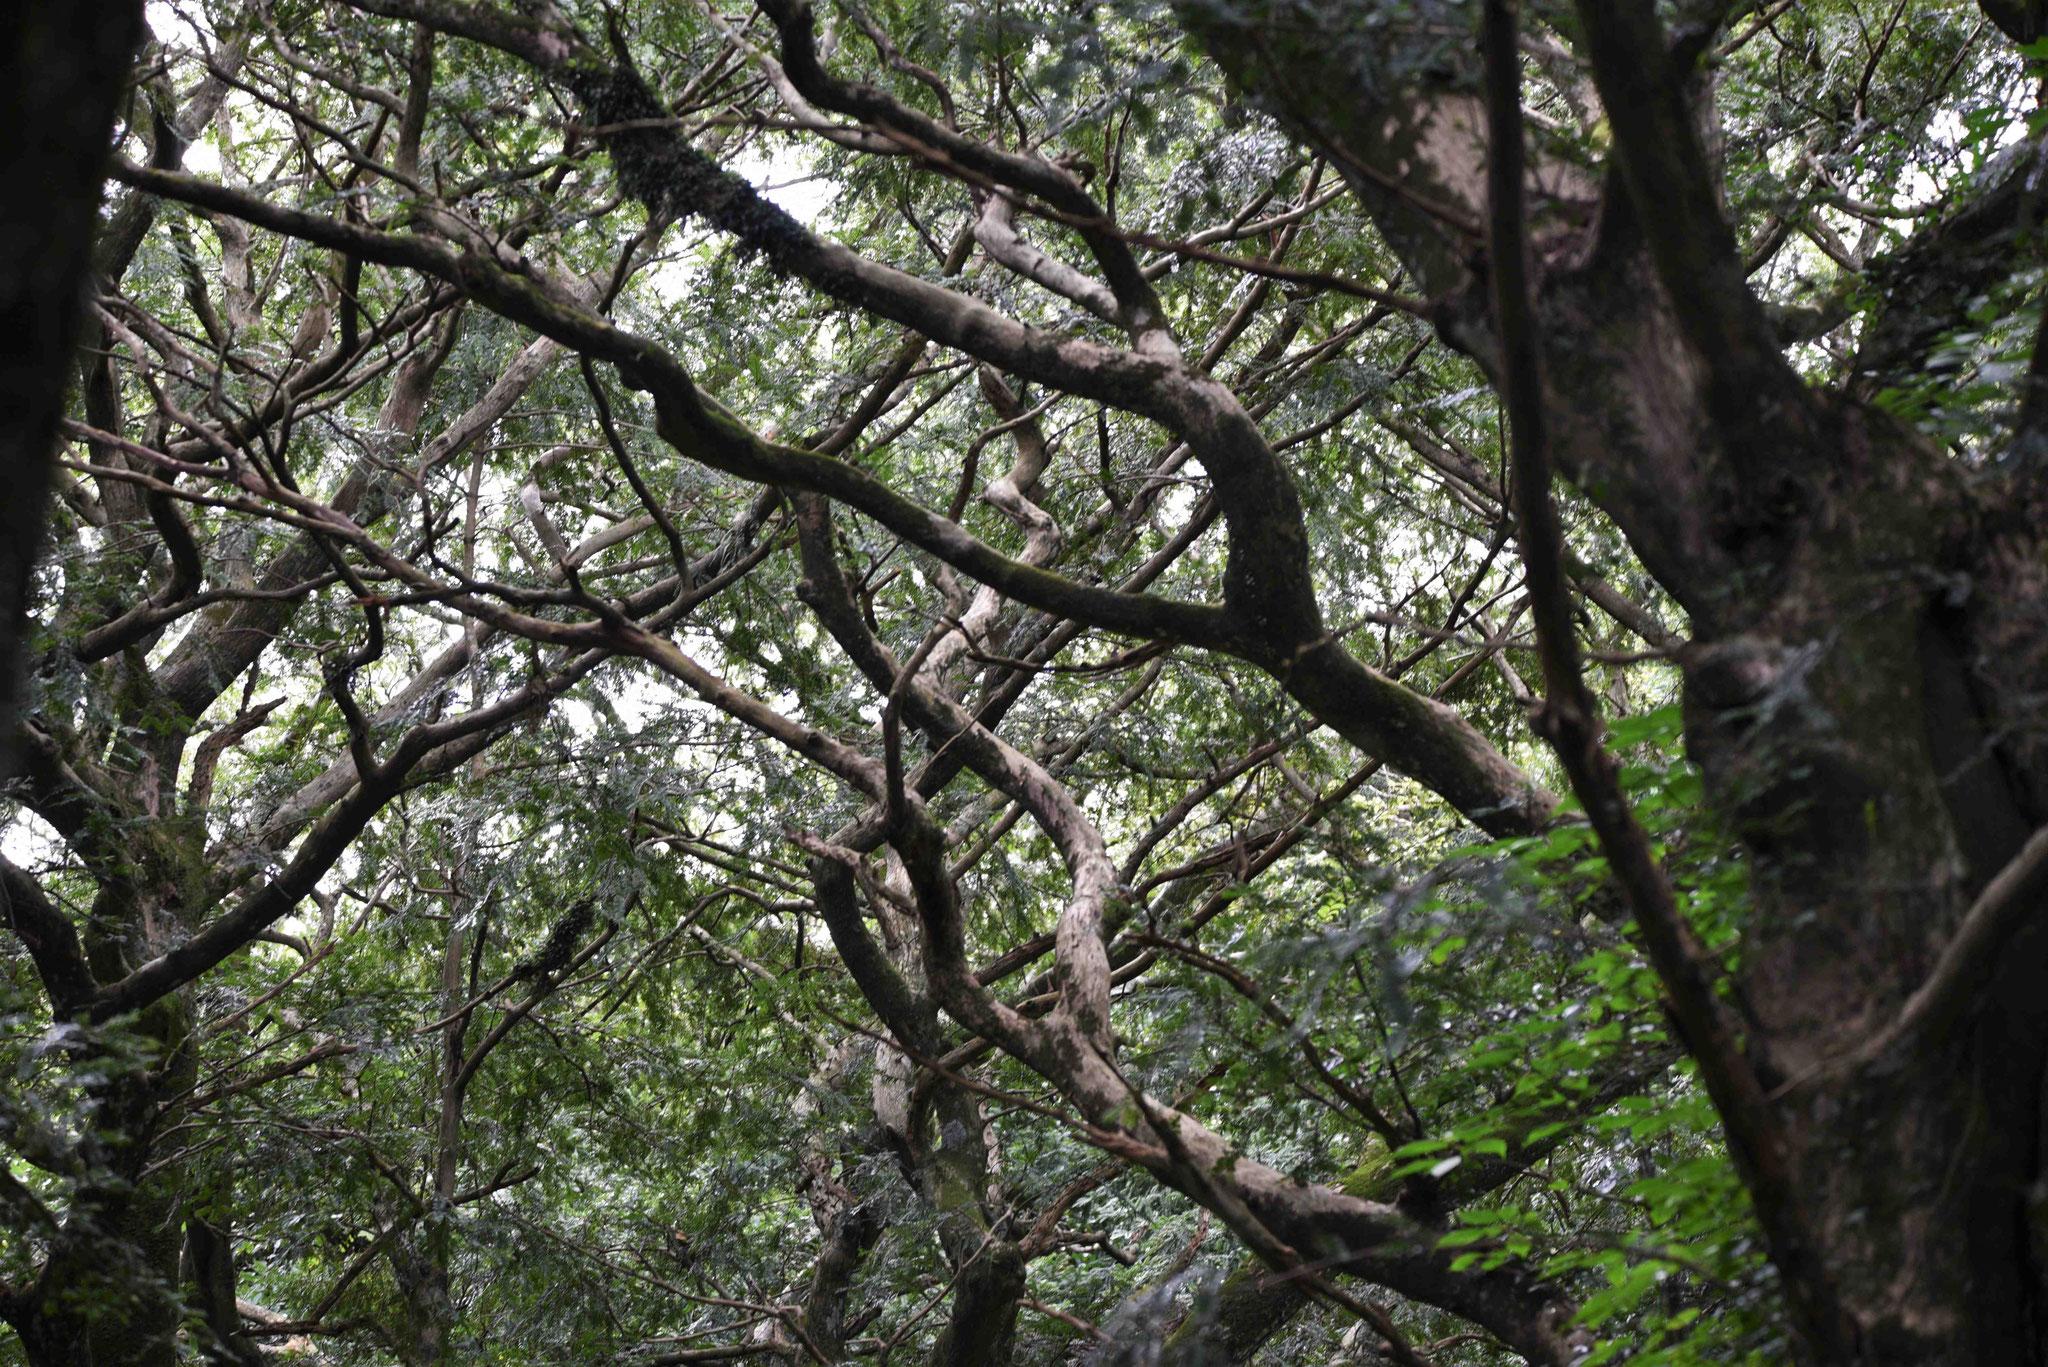 Muskatnussbäume